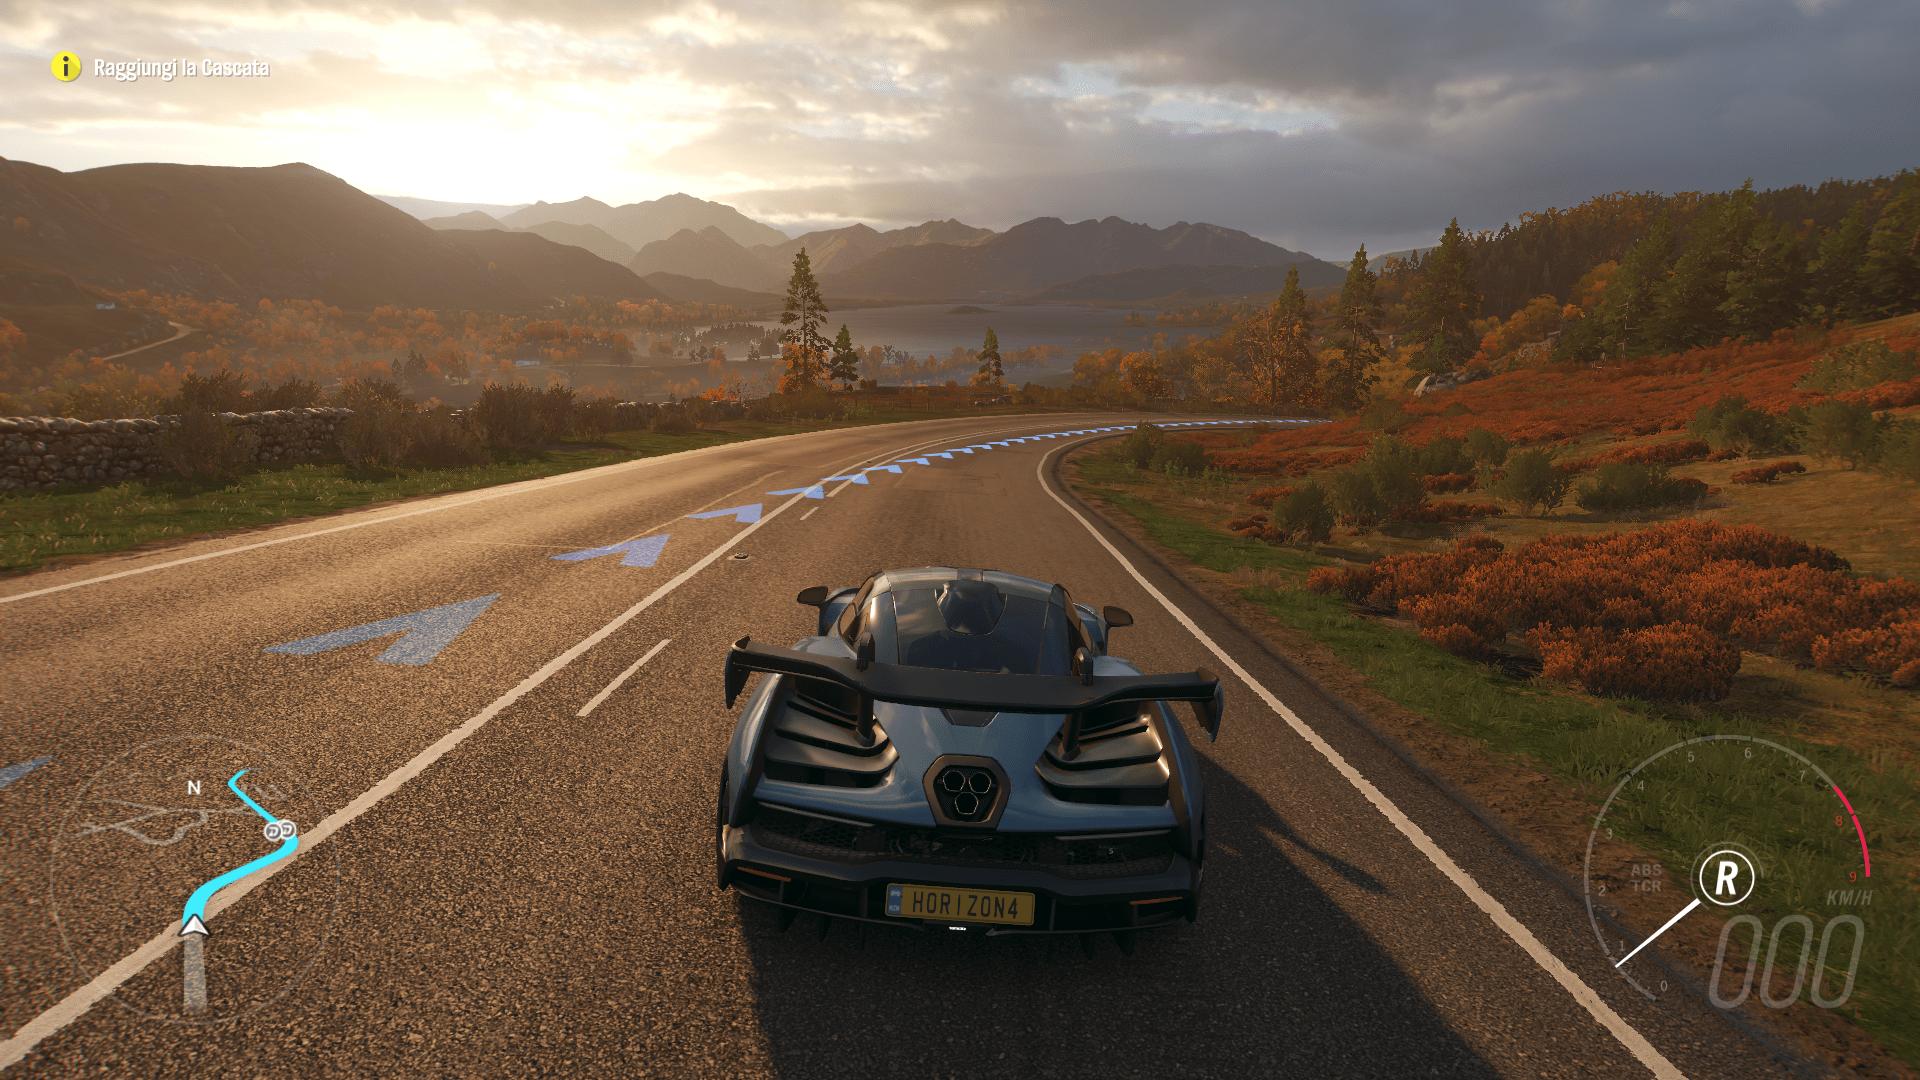 alto - Forza Horizon 4 - Recensione come gira su PC